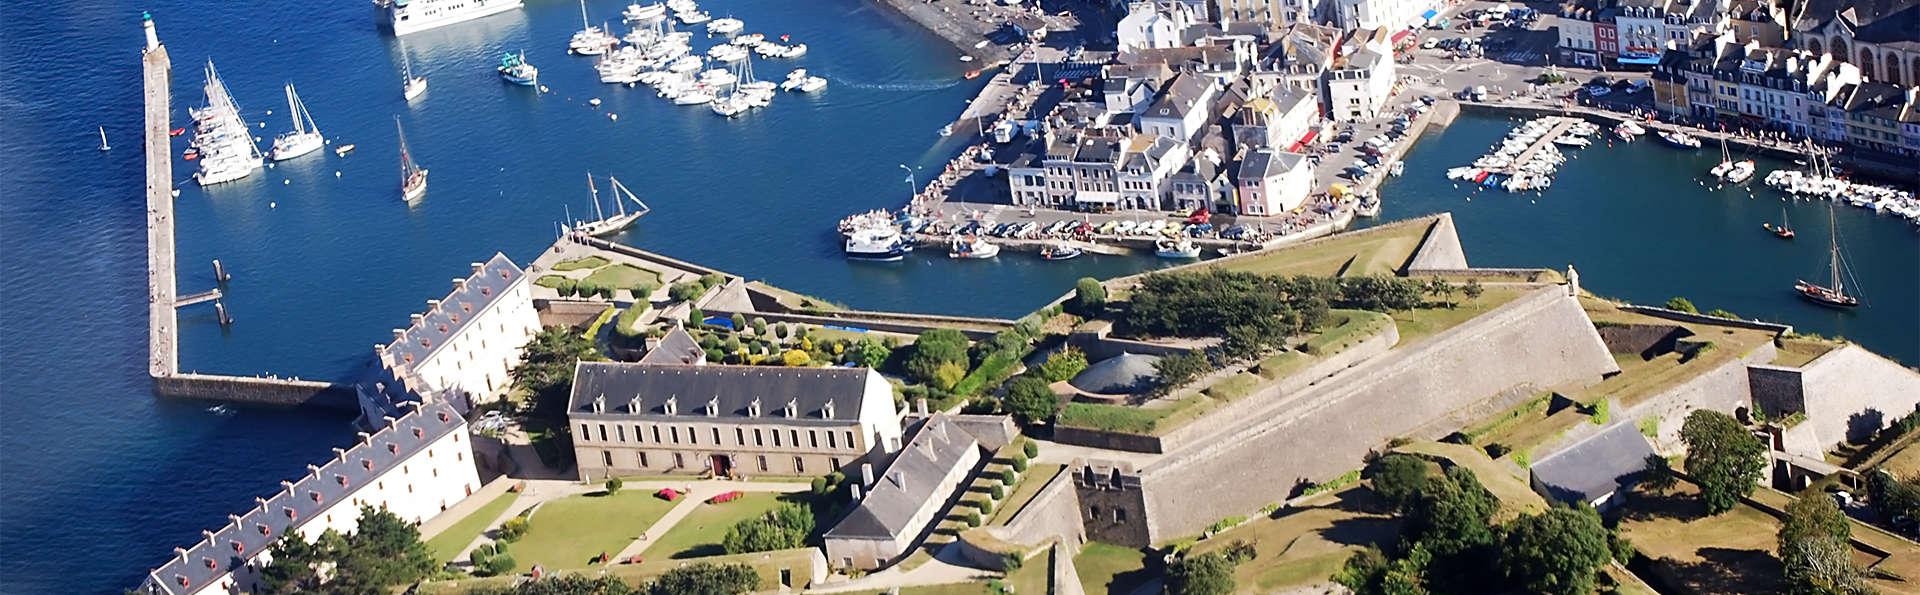 Hôtel des Druides - EDIT_destination1.jpg